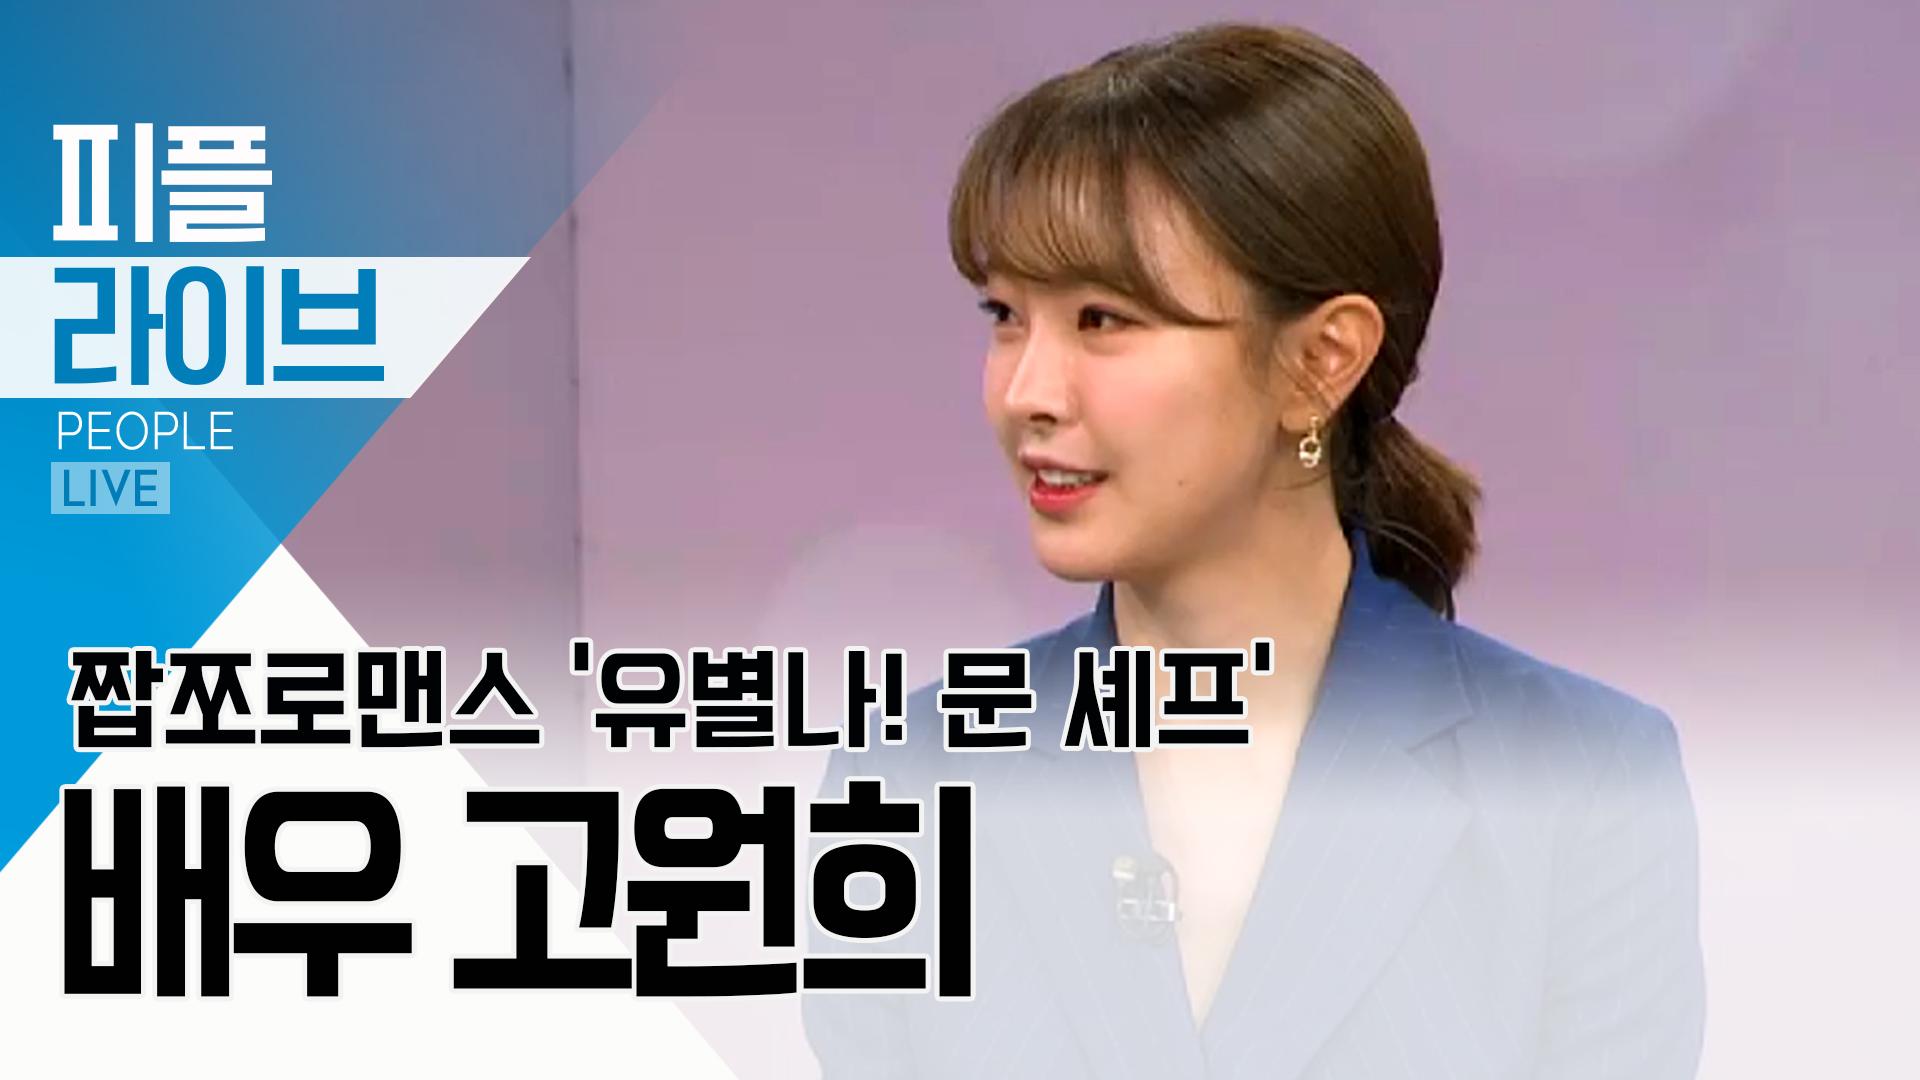 [피플 LIVE]짭쪼로맨스 '유별나! 문 셰프'…배우 고원희